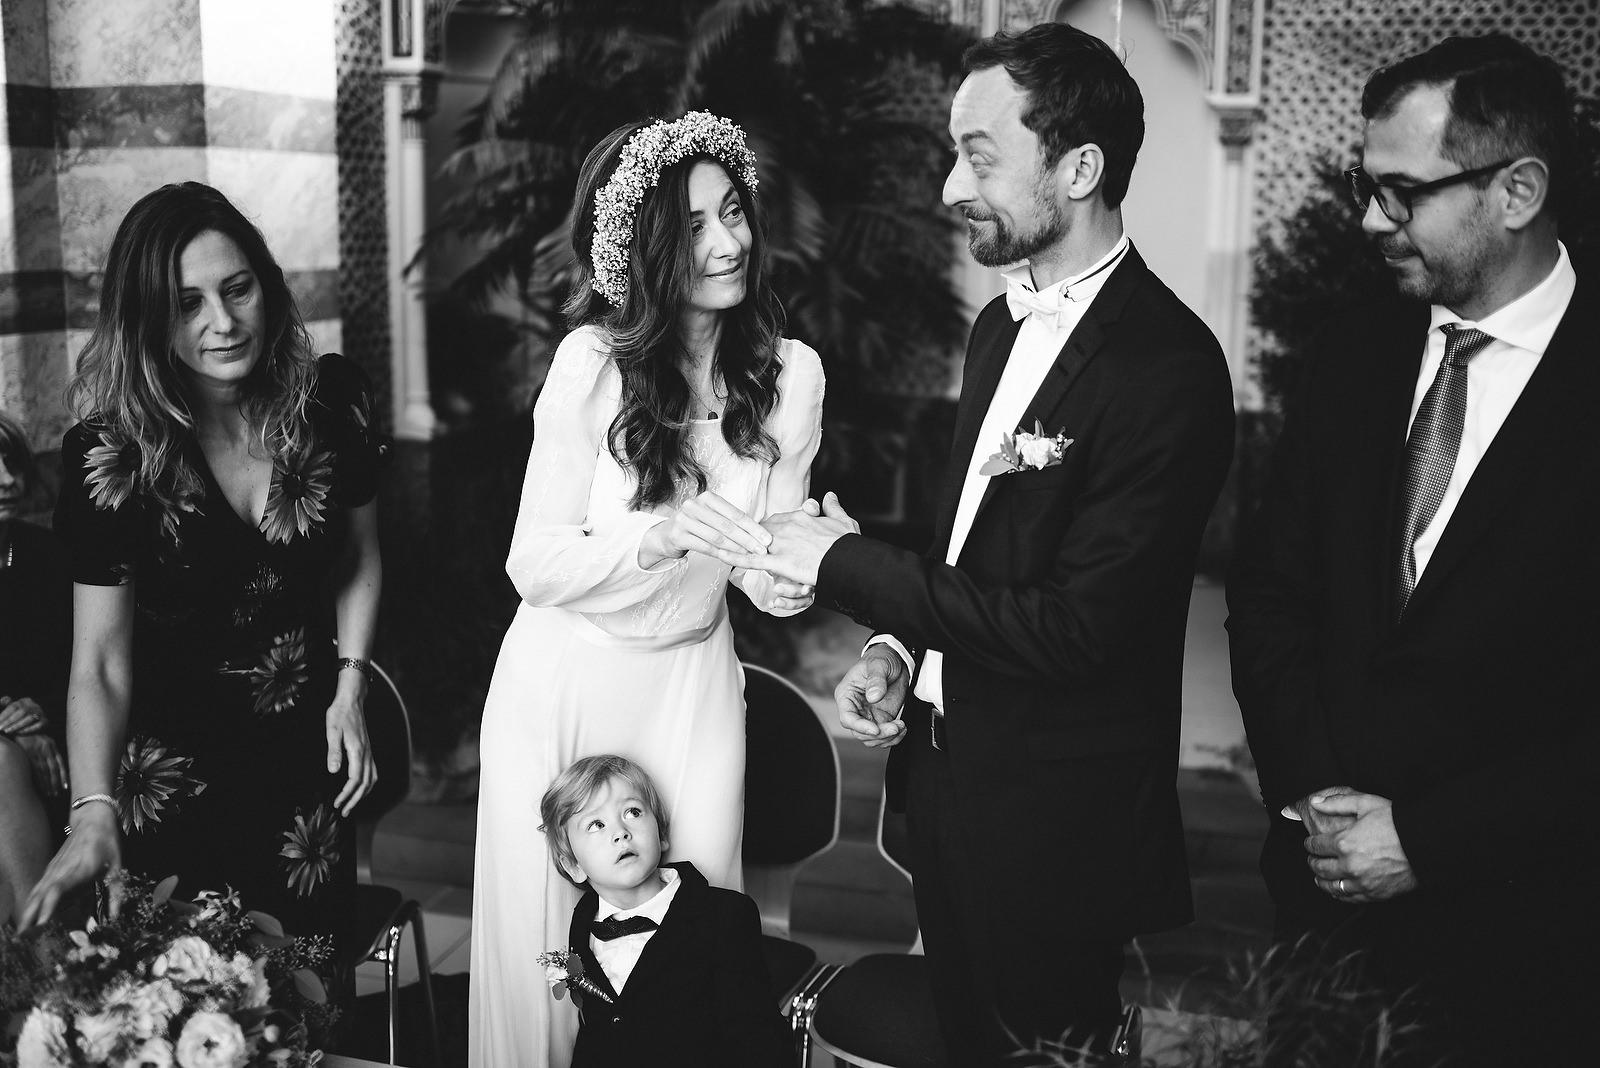 Fotograf Konstanz - Hochzeitsfotograf Stuttgart Esslingen Hochzeit 15 - Wedding with moorish ambience in the Wilhelma in Stuttgart  - 15 -